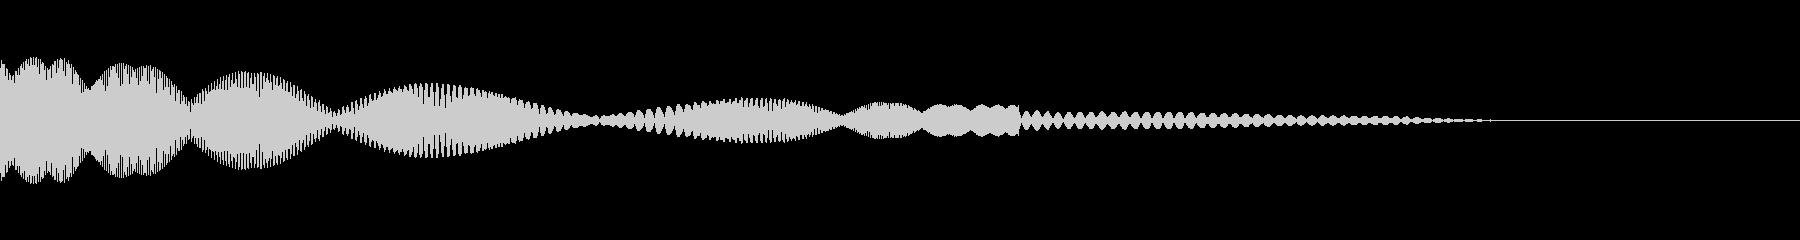 キュピというかわいいタッチ音です。の未再生の波形